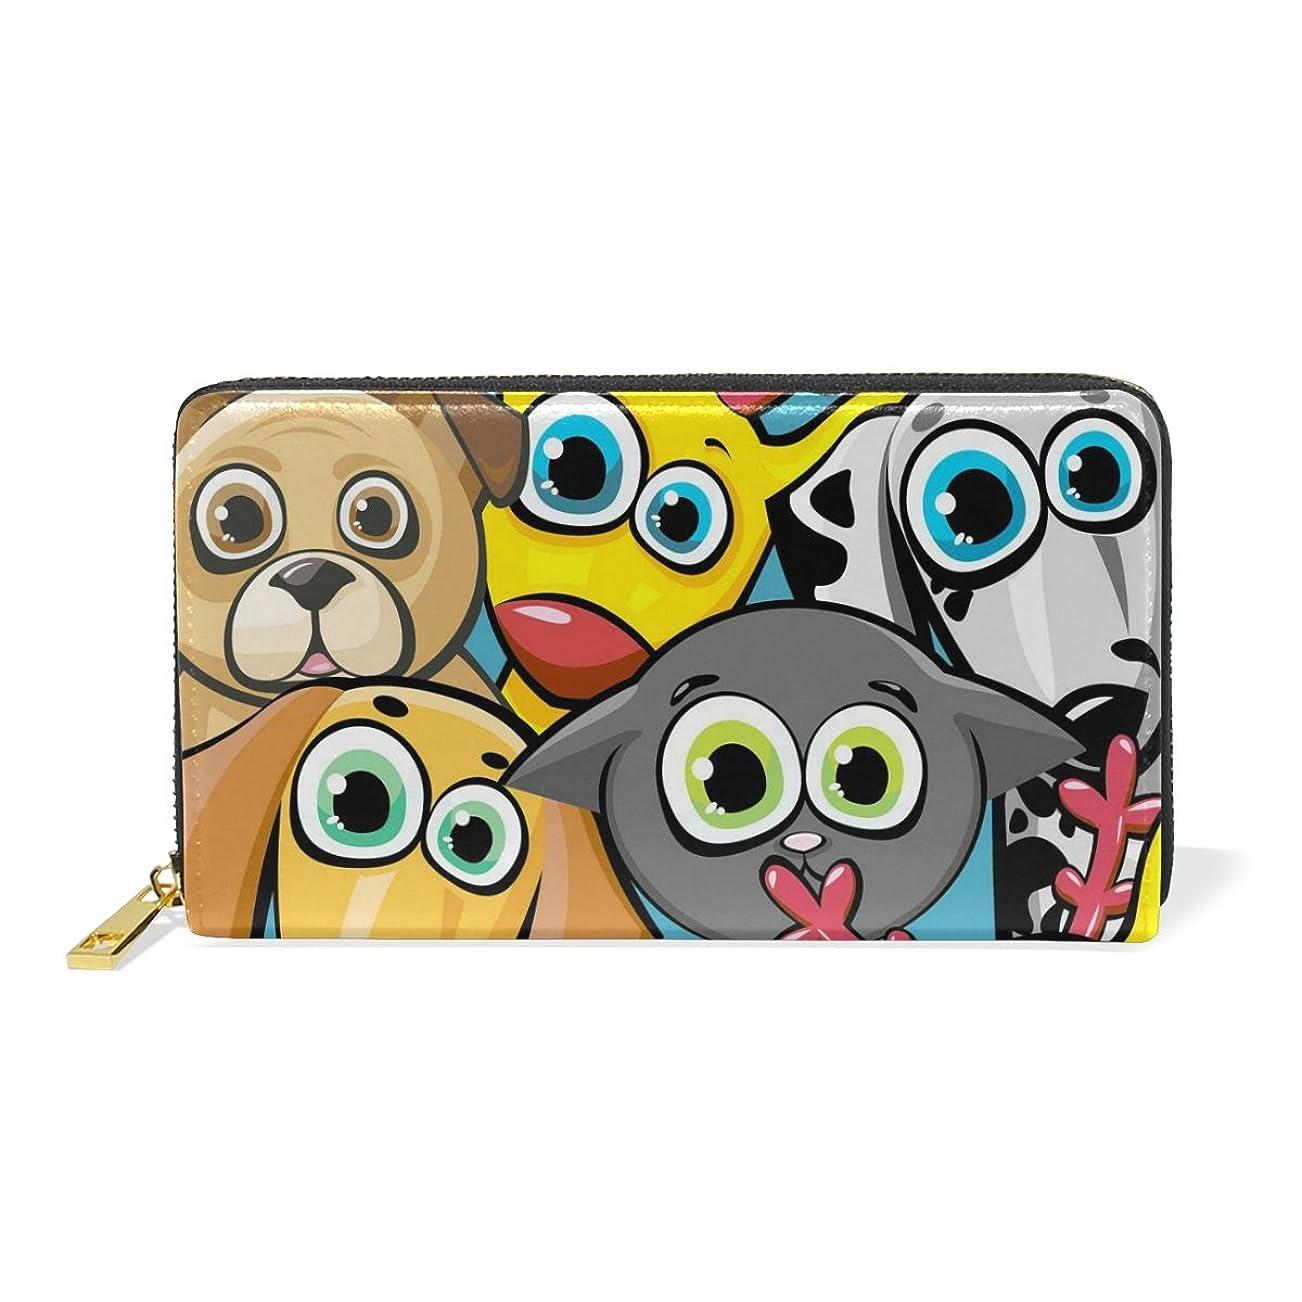 洗練嬉しいです放映マキク(MAKIKU) 長財布 レディース 本革 大容量 ラウンドファスナー カード12枚収納 プレゼント対応 猫柄 犬柄 動物テーマ